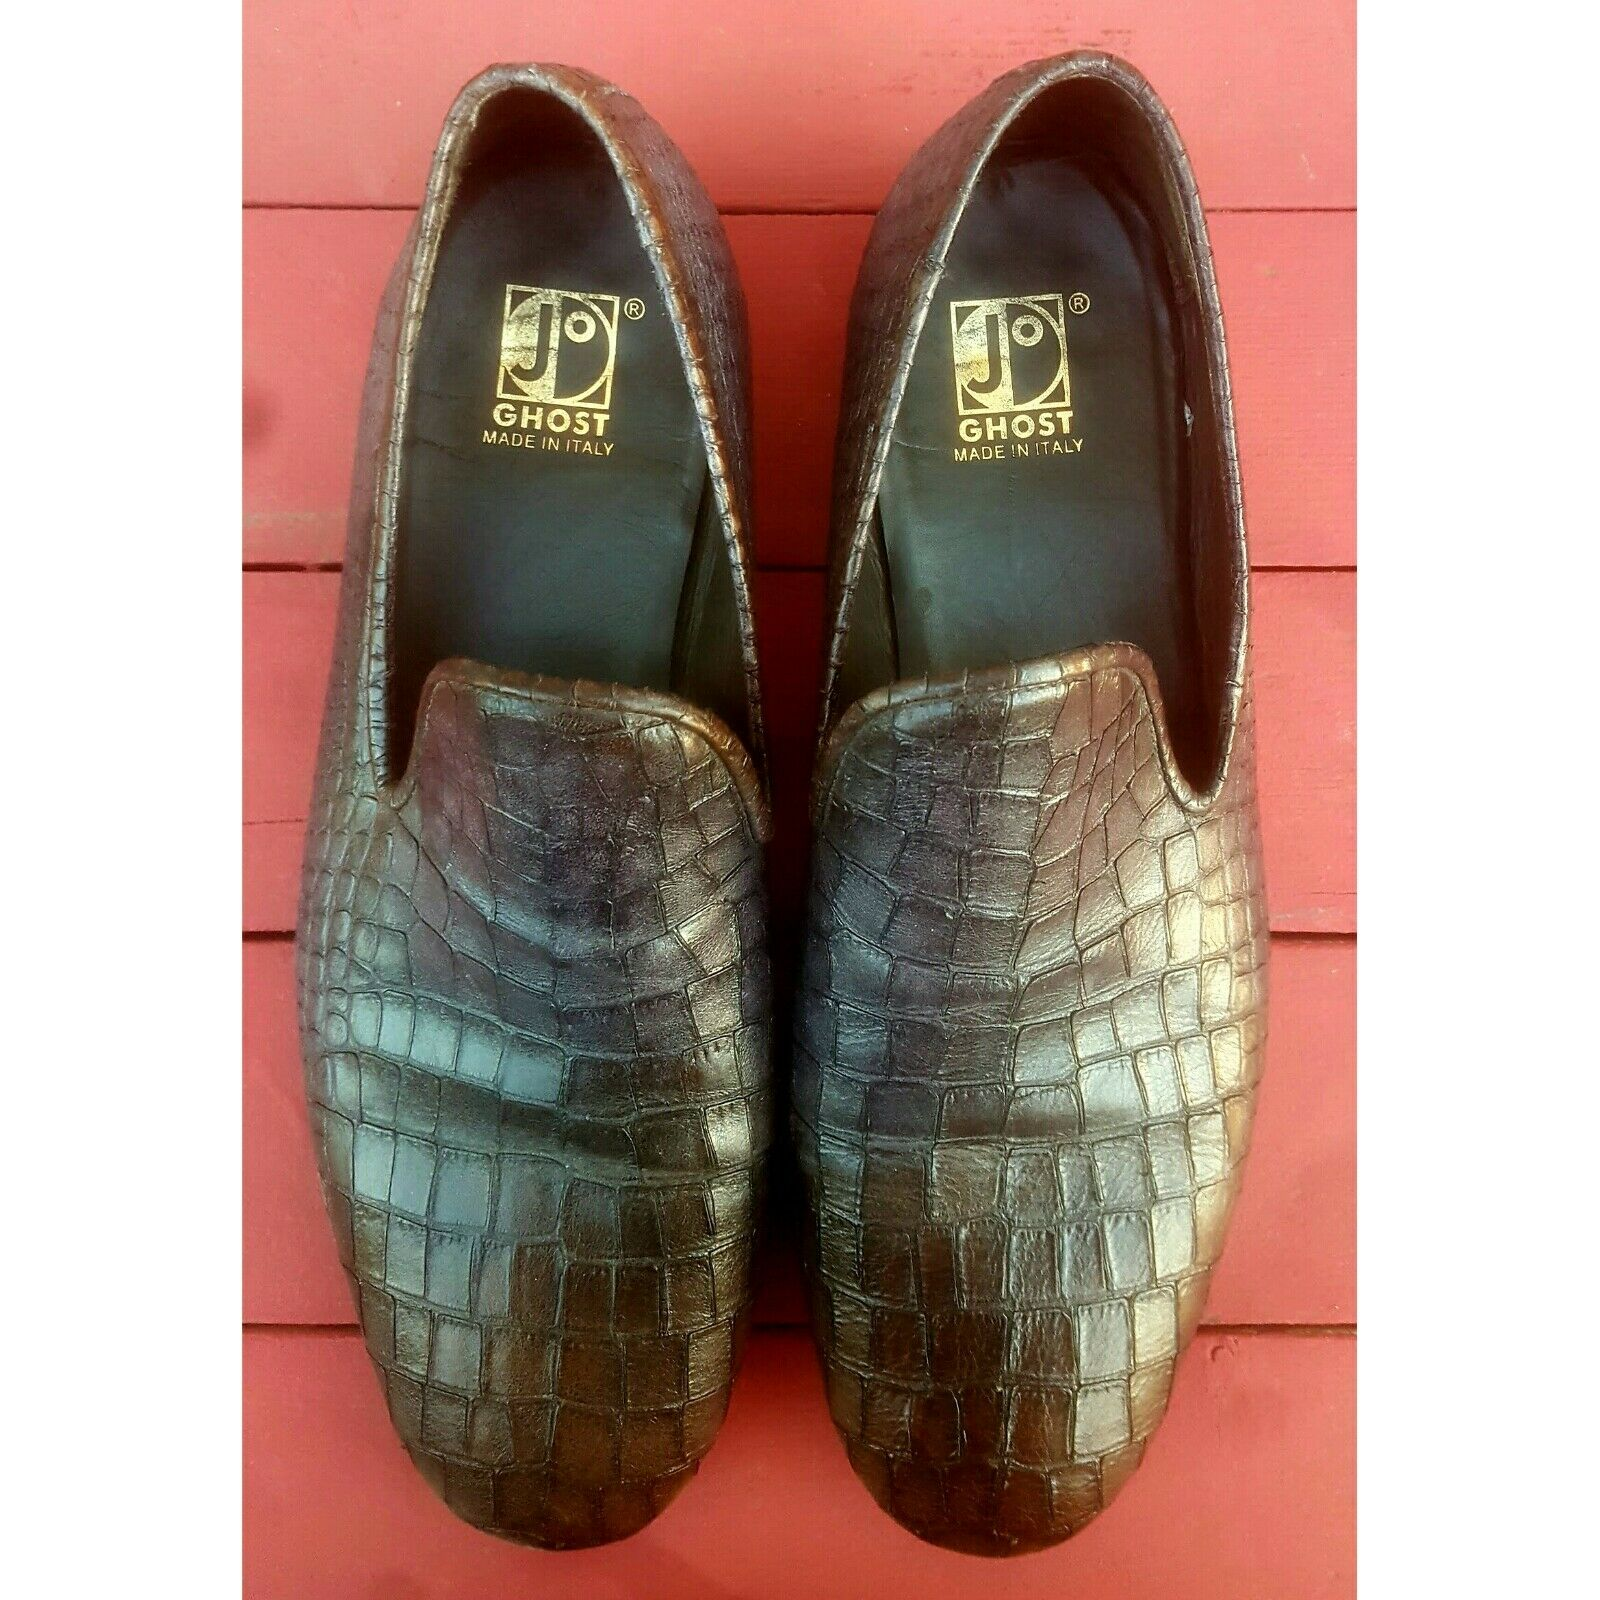 Jo Ghost diseñador hecho en Italia Mocasín de vestir Zapatos para hombre Talla 11 45 US de TI